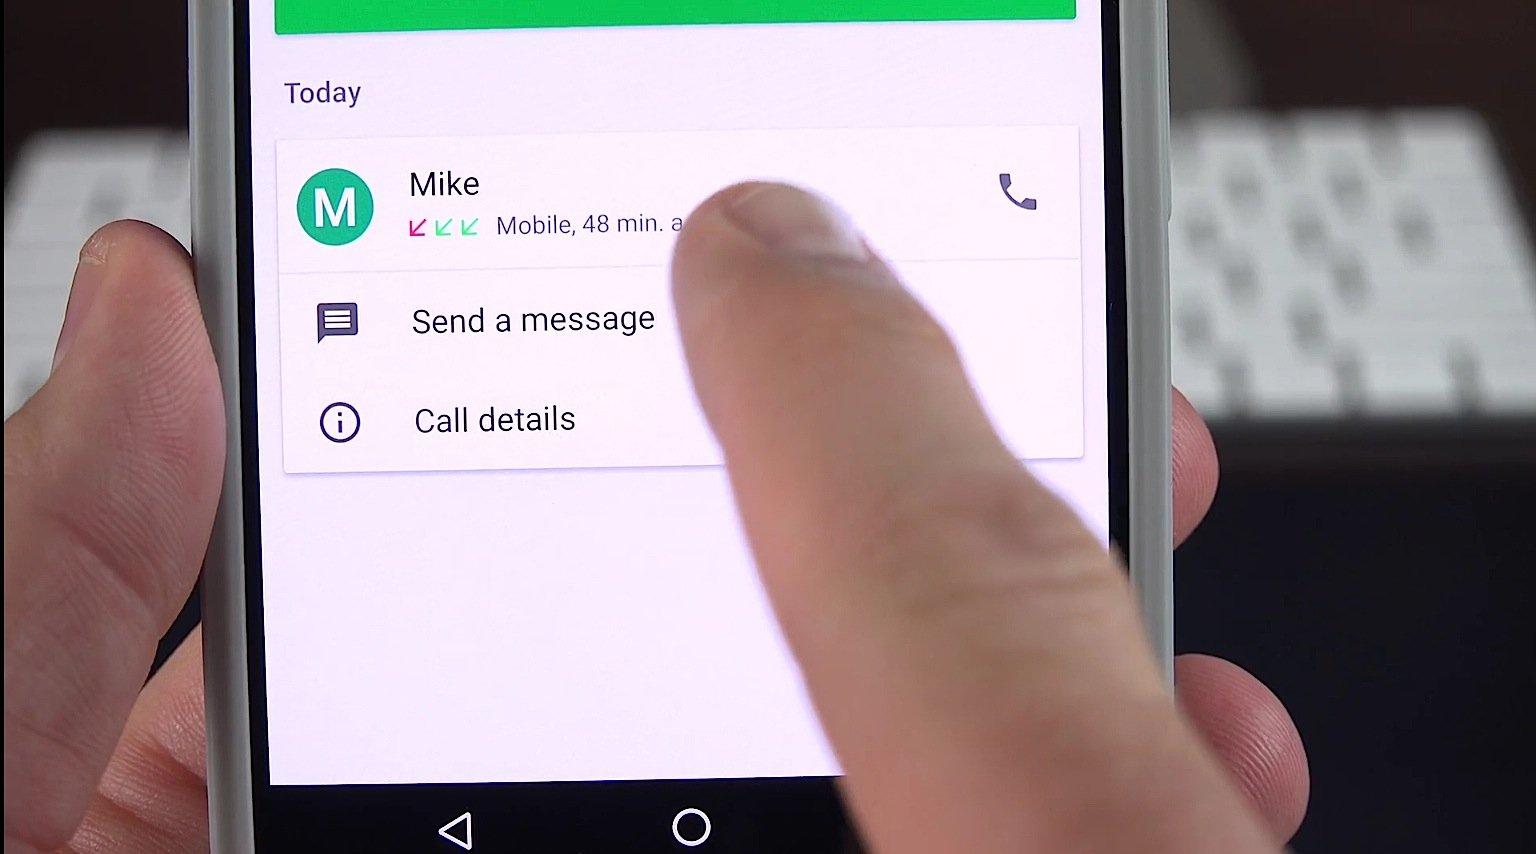 Nachrichten kann man künftig unter Android 7.0beantworten, ohne dass man die App öffnen muss.